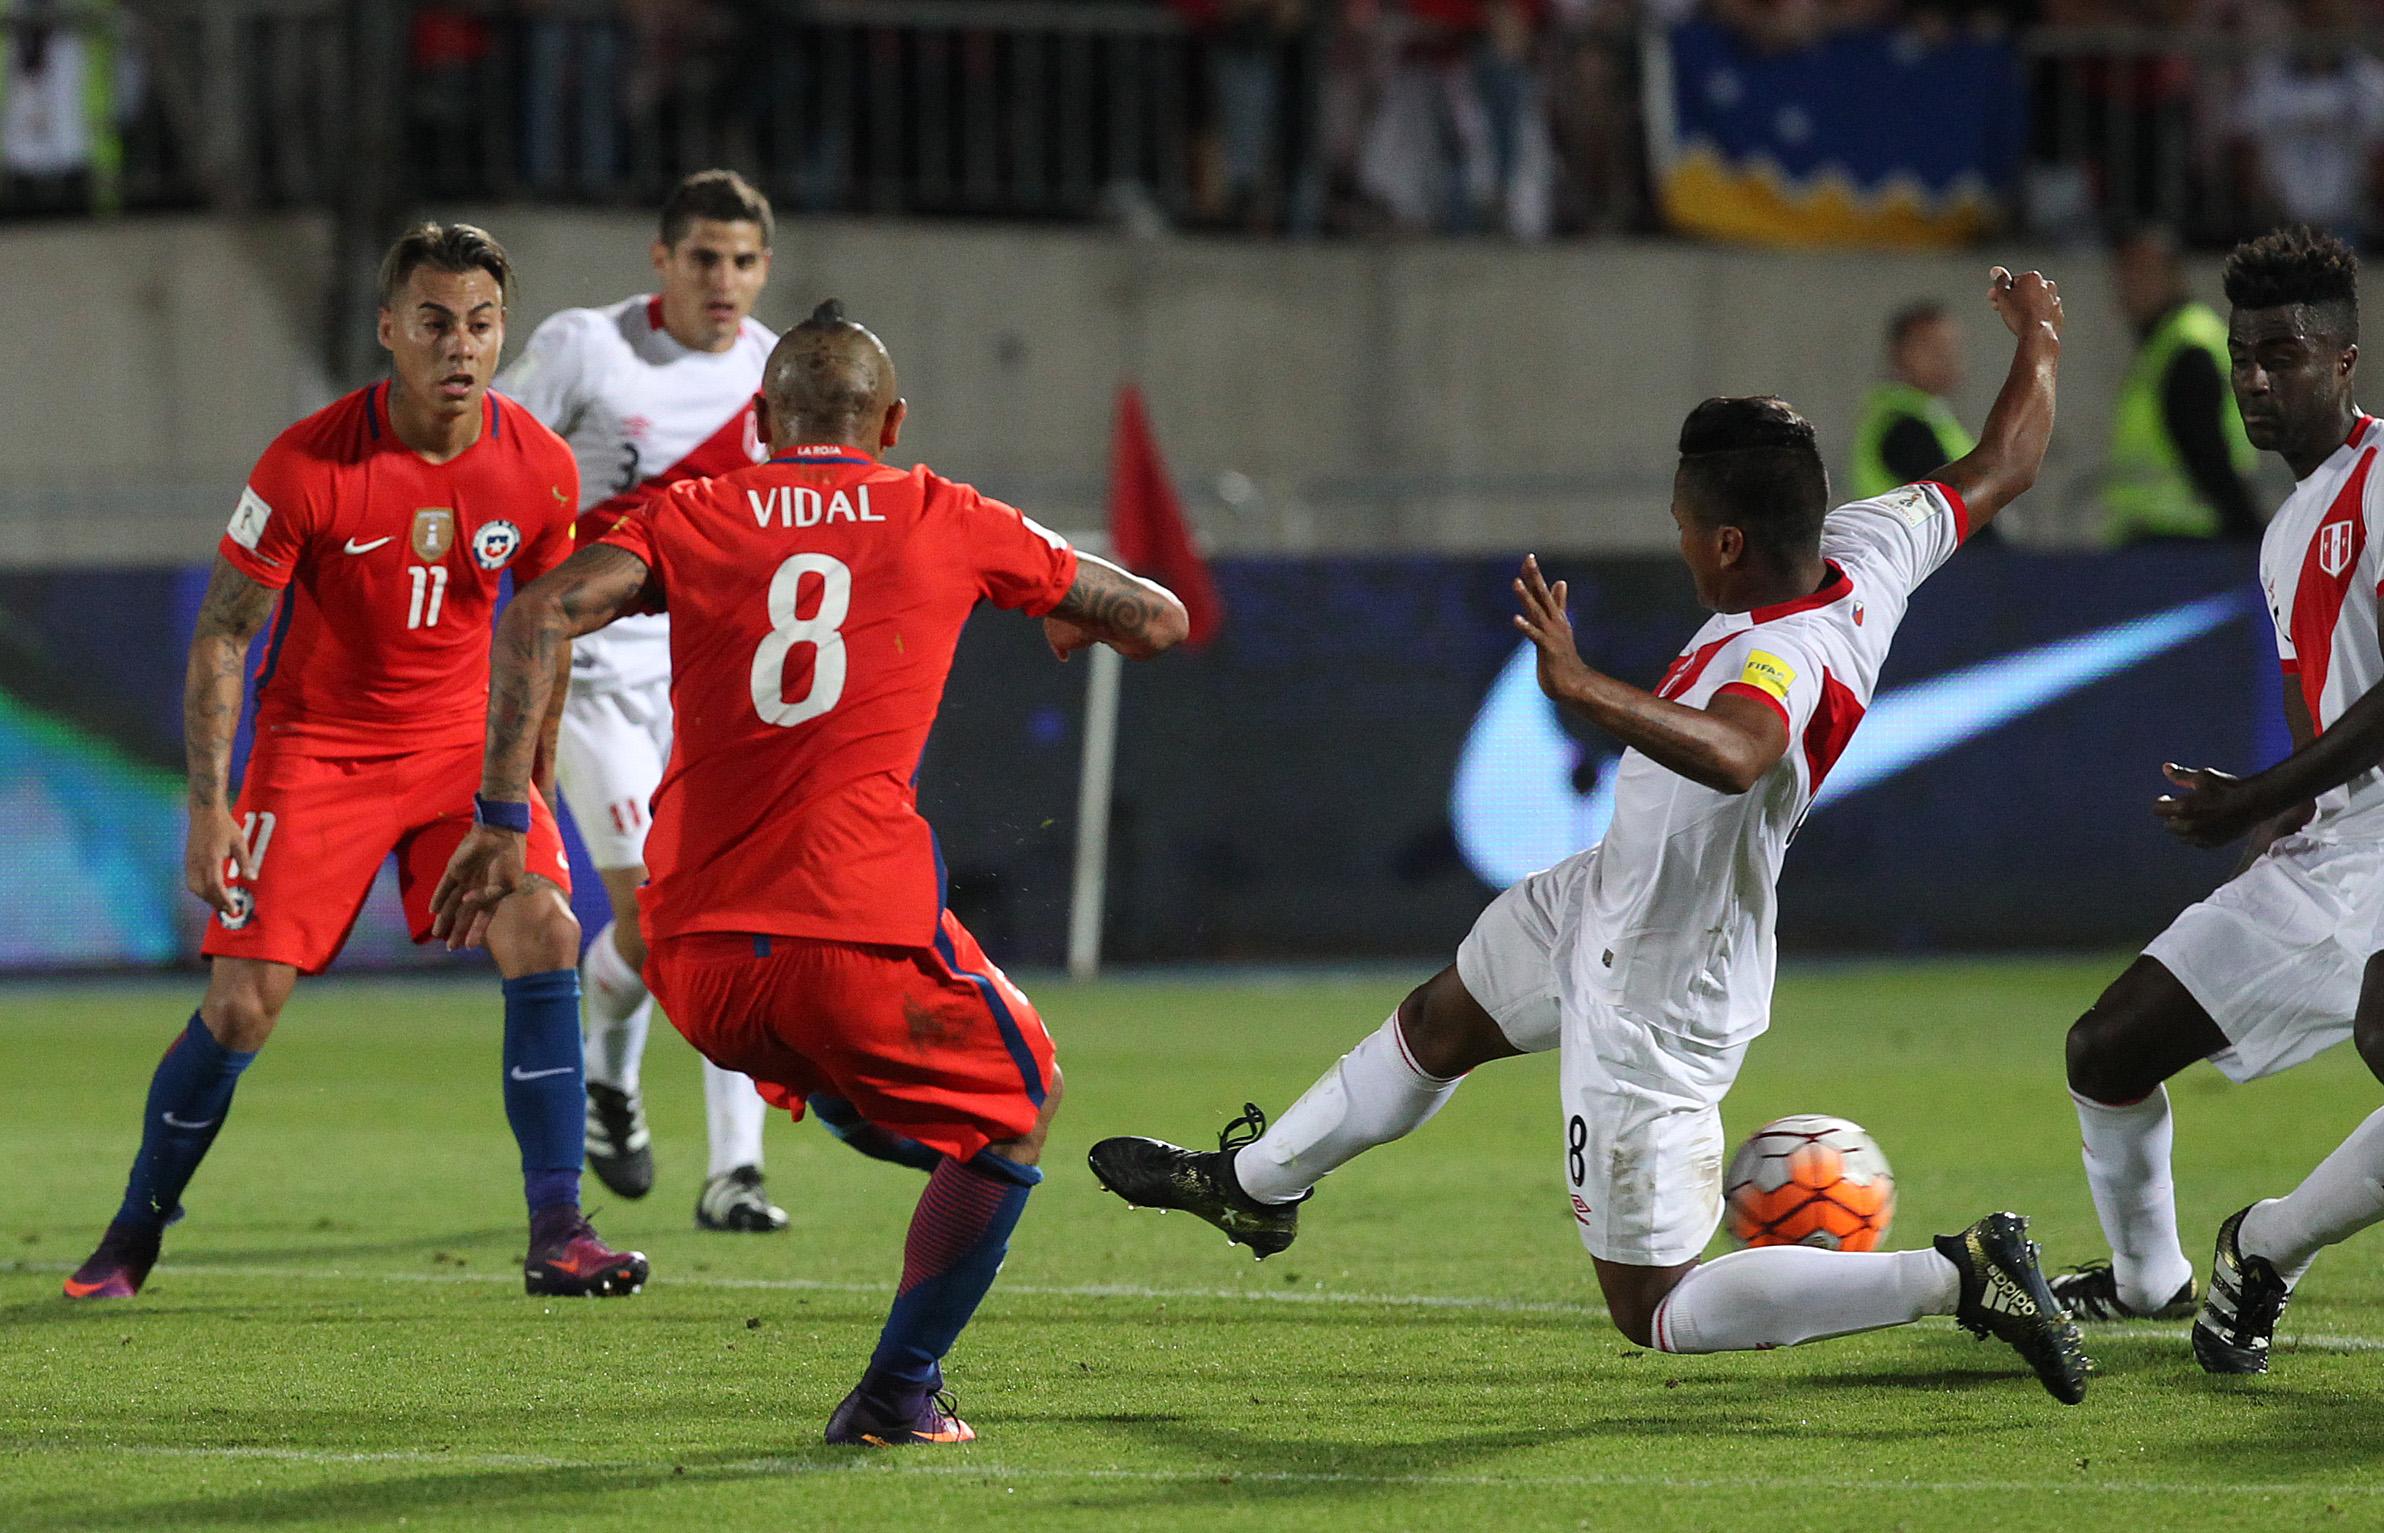 Galería de fotos: Chile vs. Perú